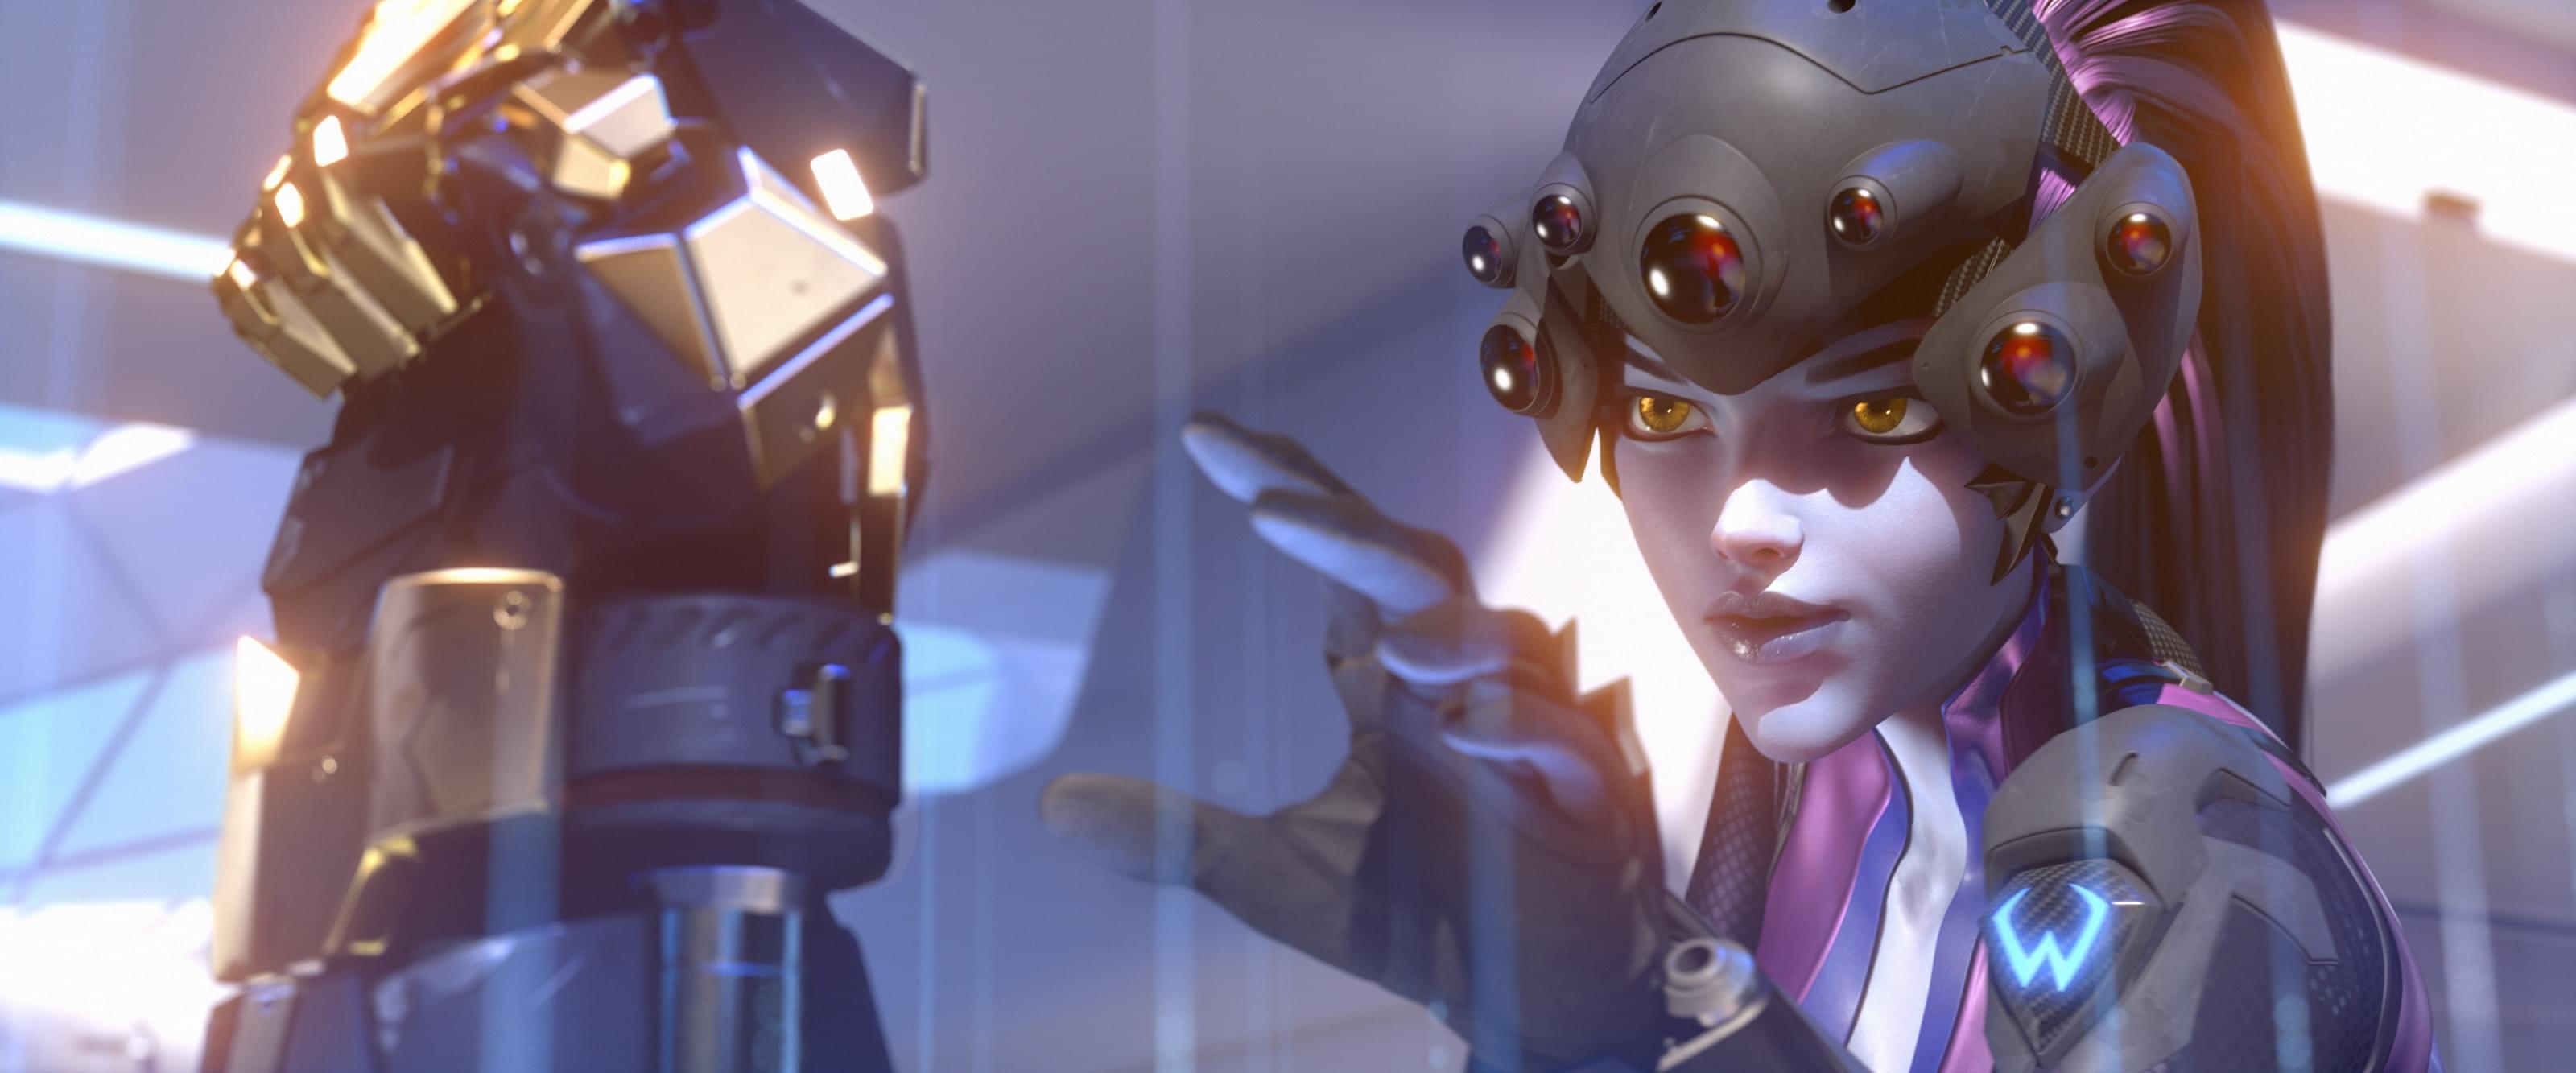 Blizzard anuncia Overwatch, a entrada da empresa no gênero FPS